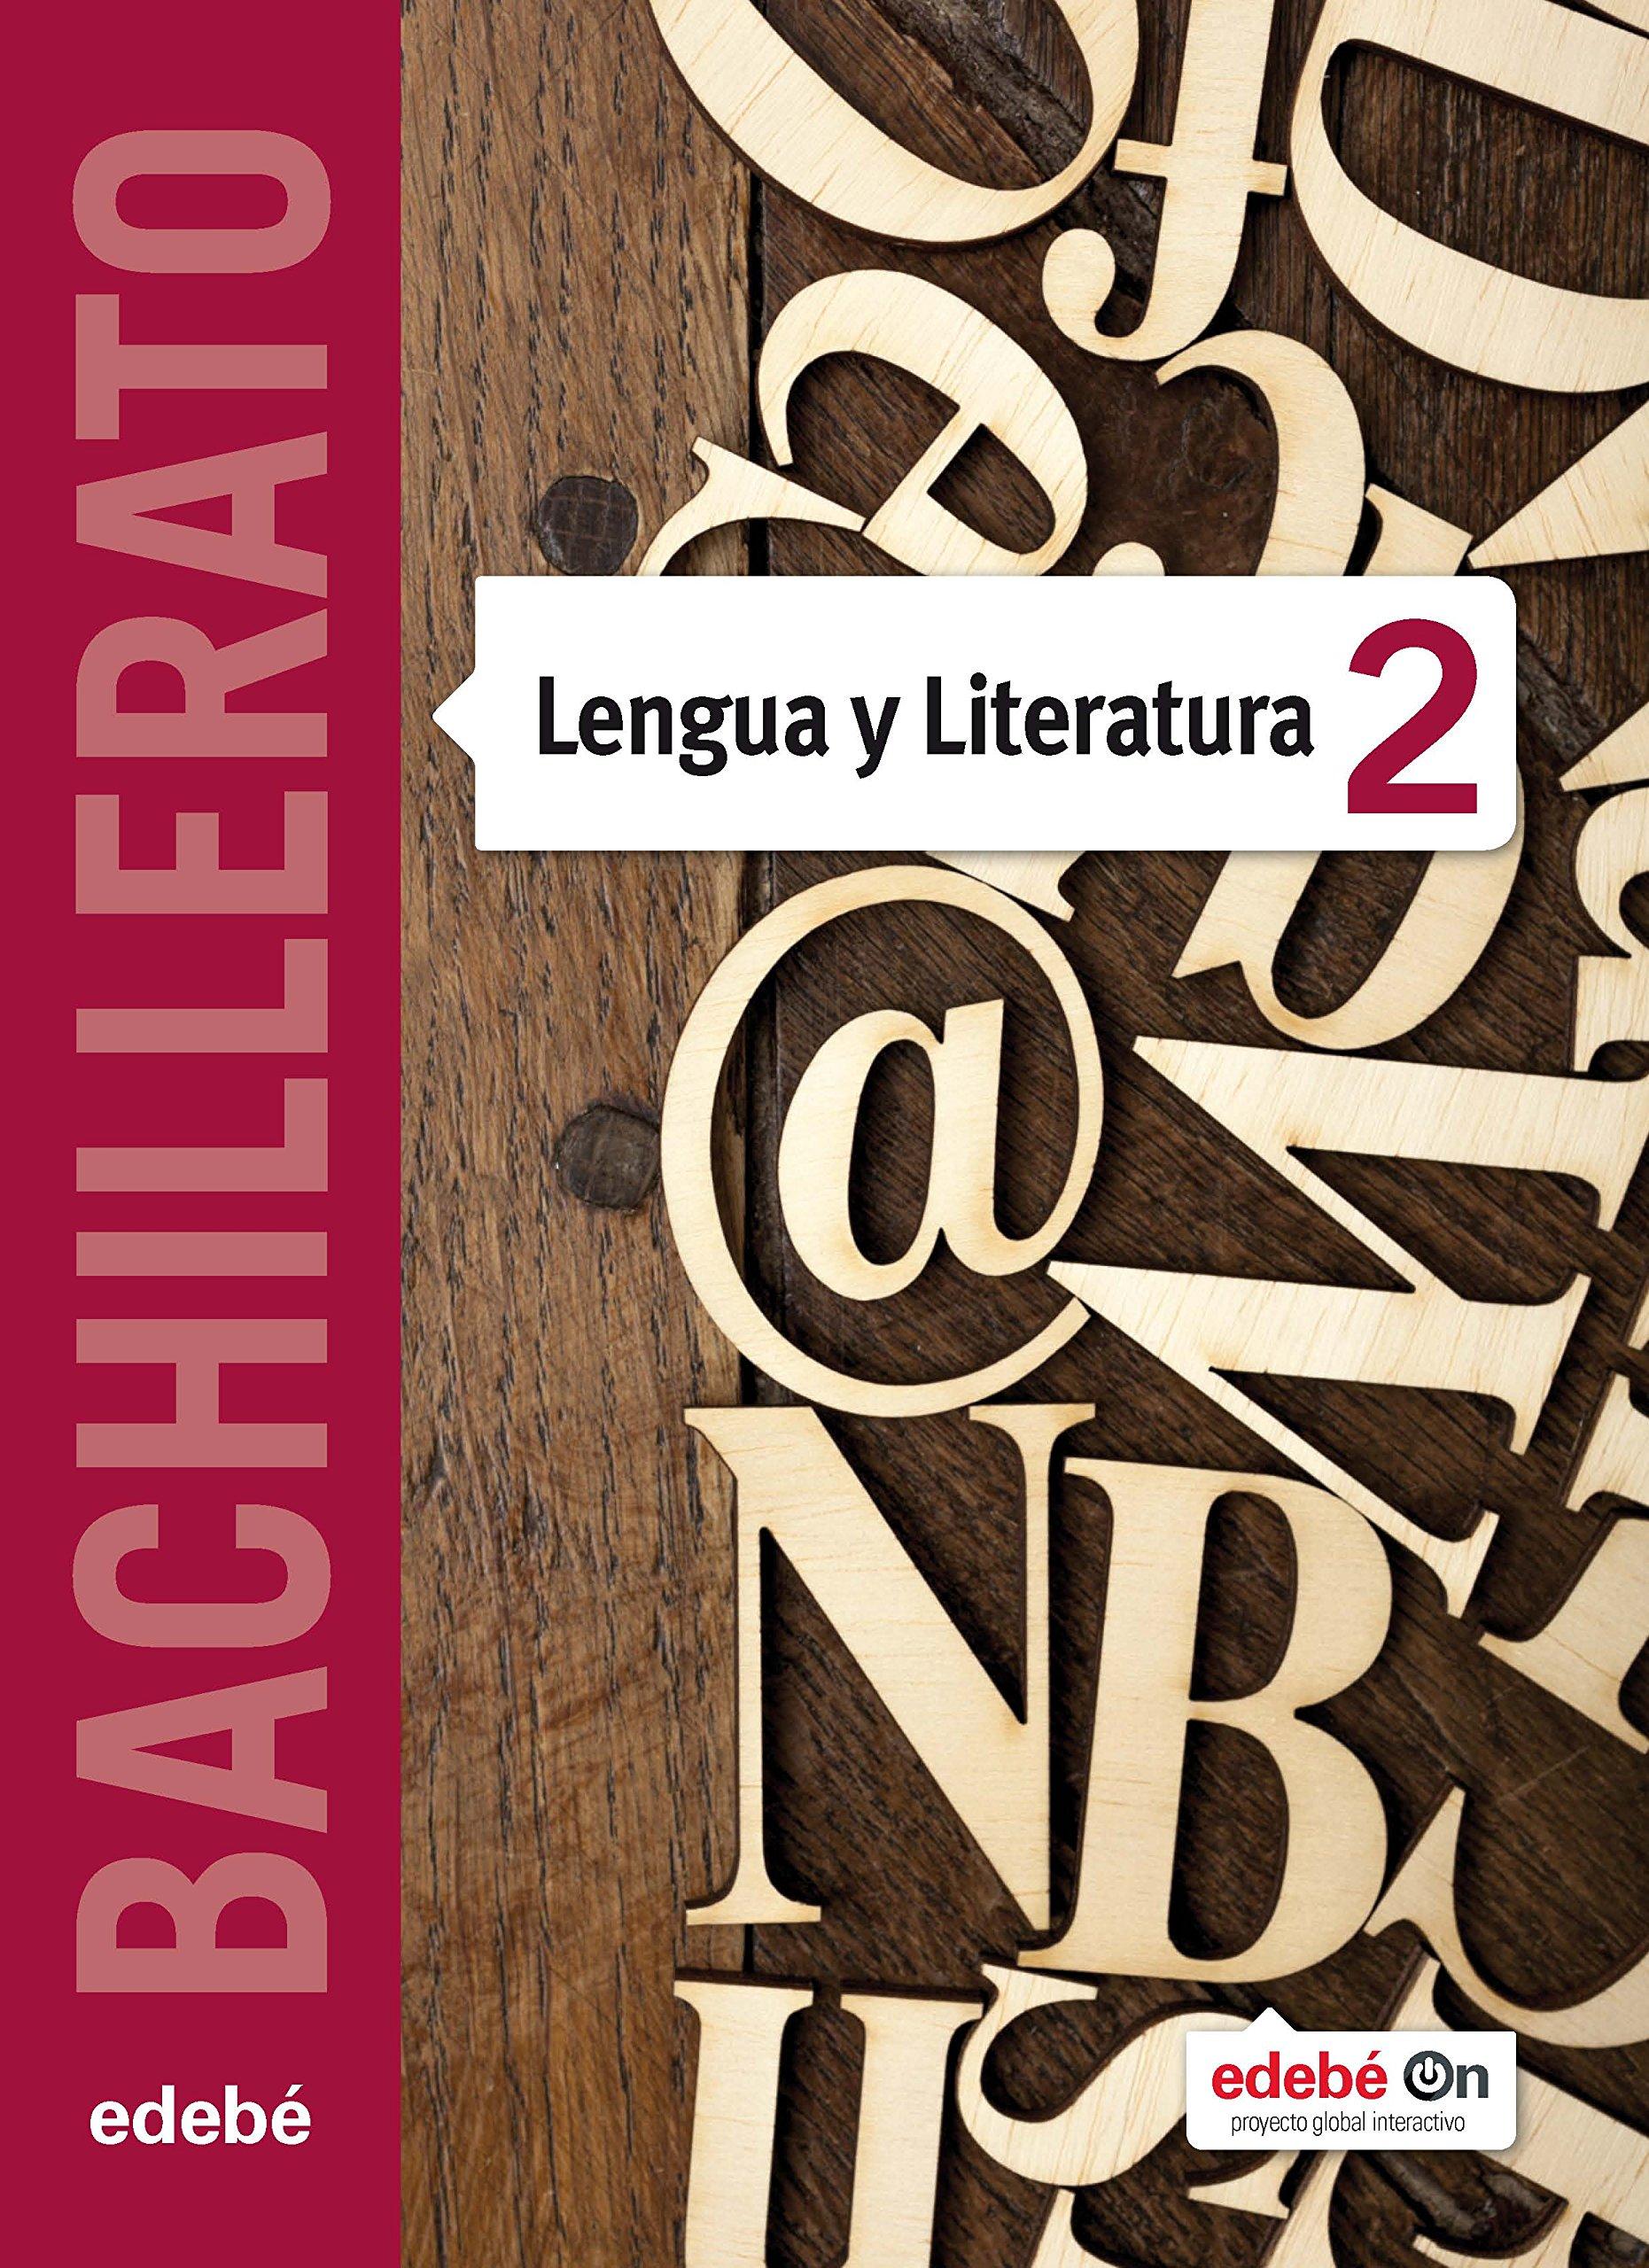 LENGUA Y LITERATURA TX2 (CAS) - 9788468317458: Amazon.es: Edebé, Obra Colectiva: Libros